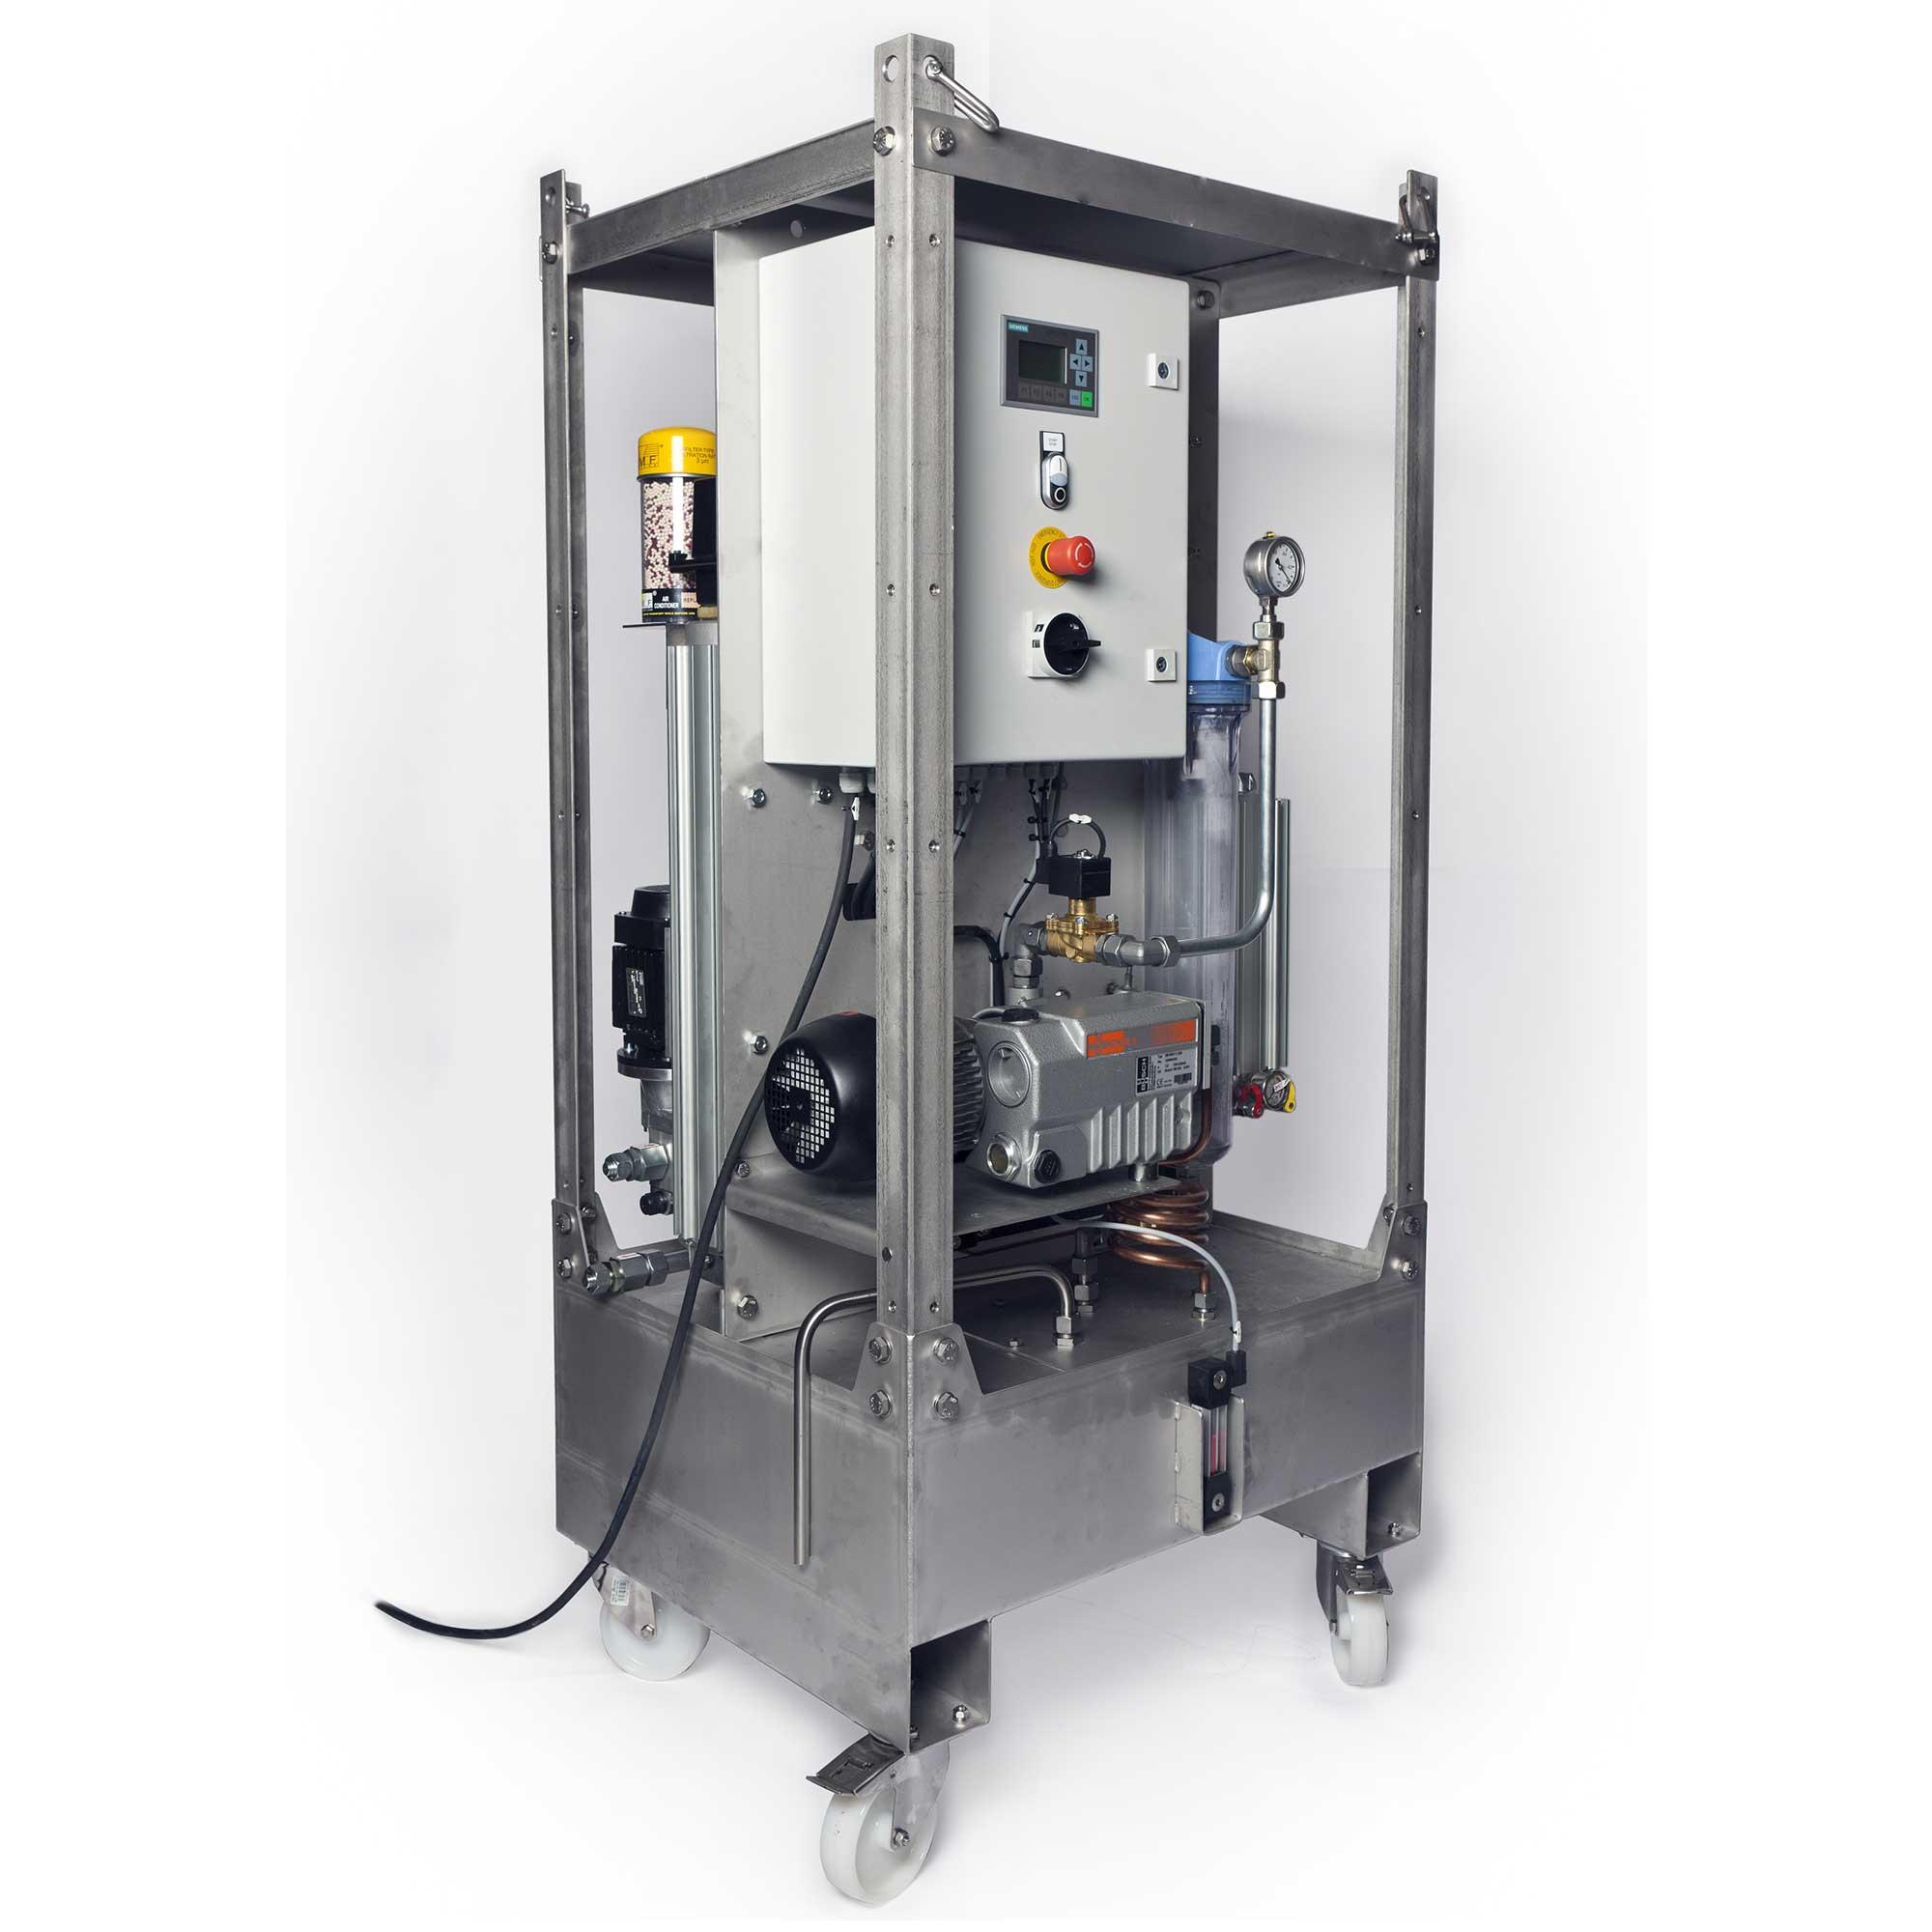 Maxi vakuumaggregat for vedlikehold av hydraulikk og smøreolje, varenummer MXWV1A30G3B070100